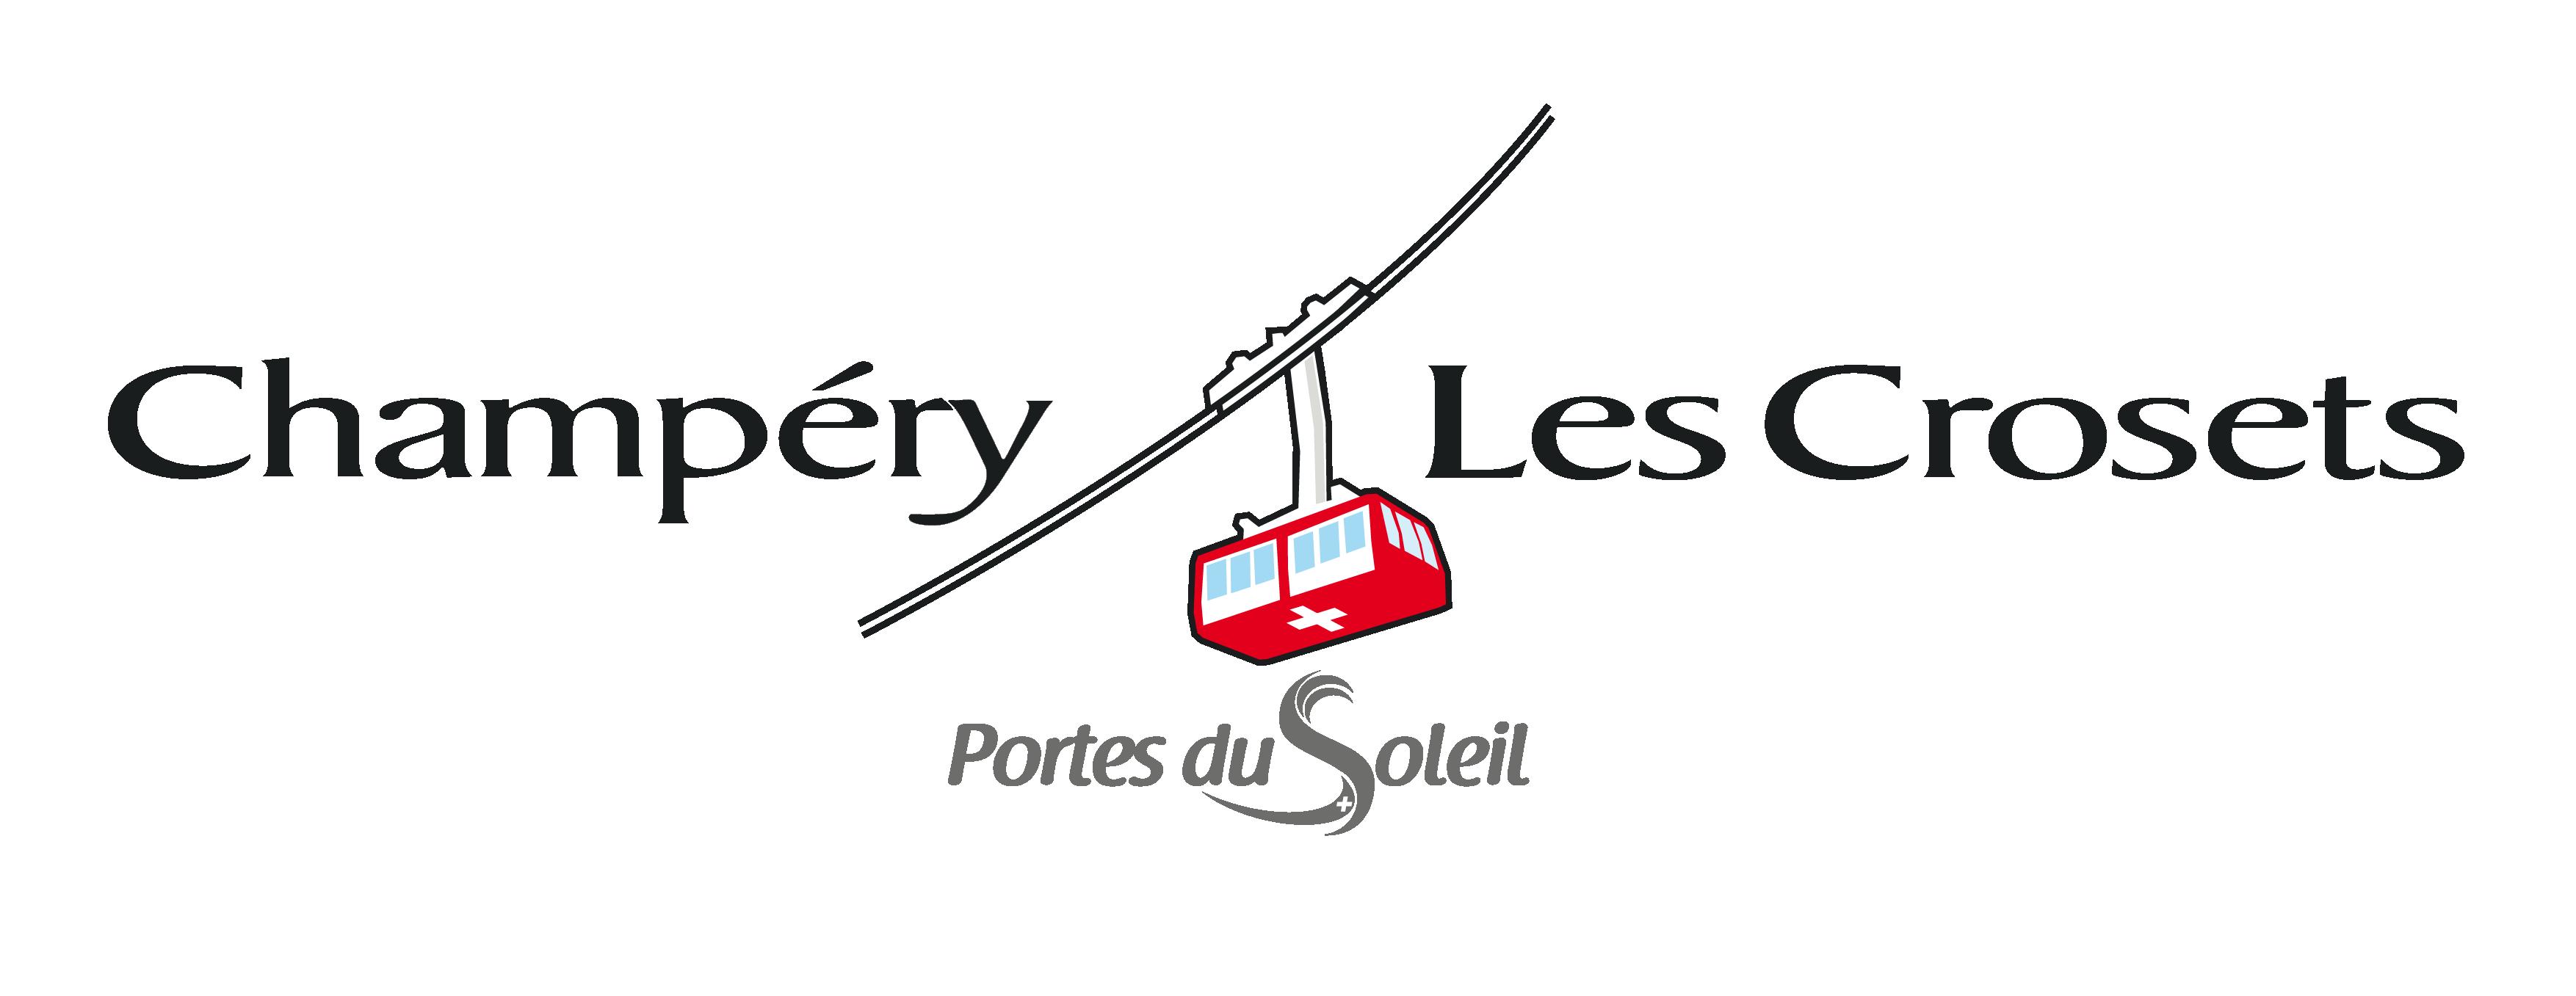 Télé Champéry-Crosets Portes du Soleil SA (TCCPS)